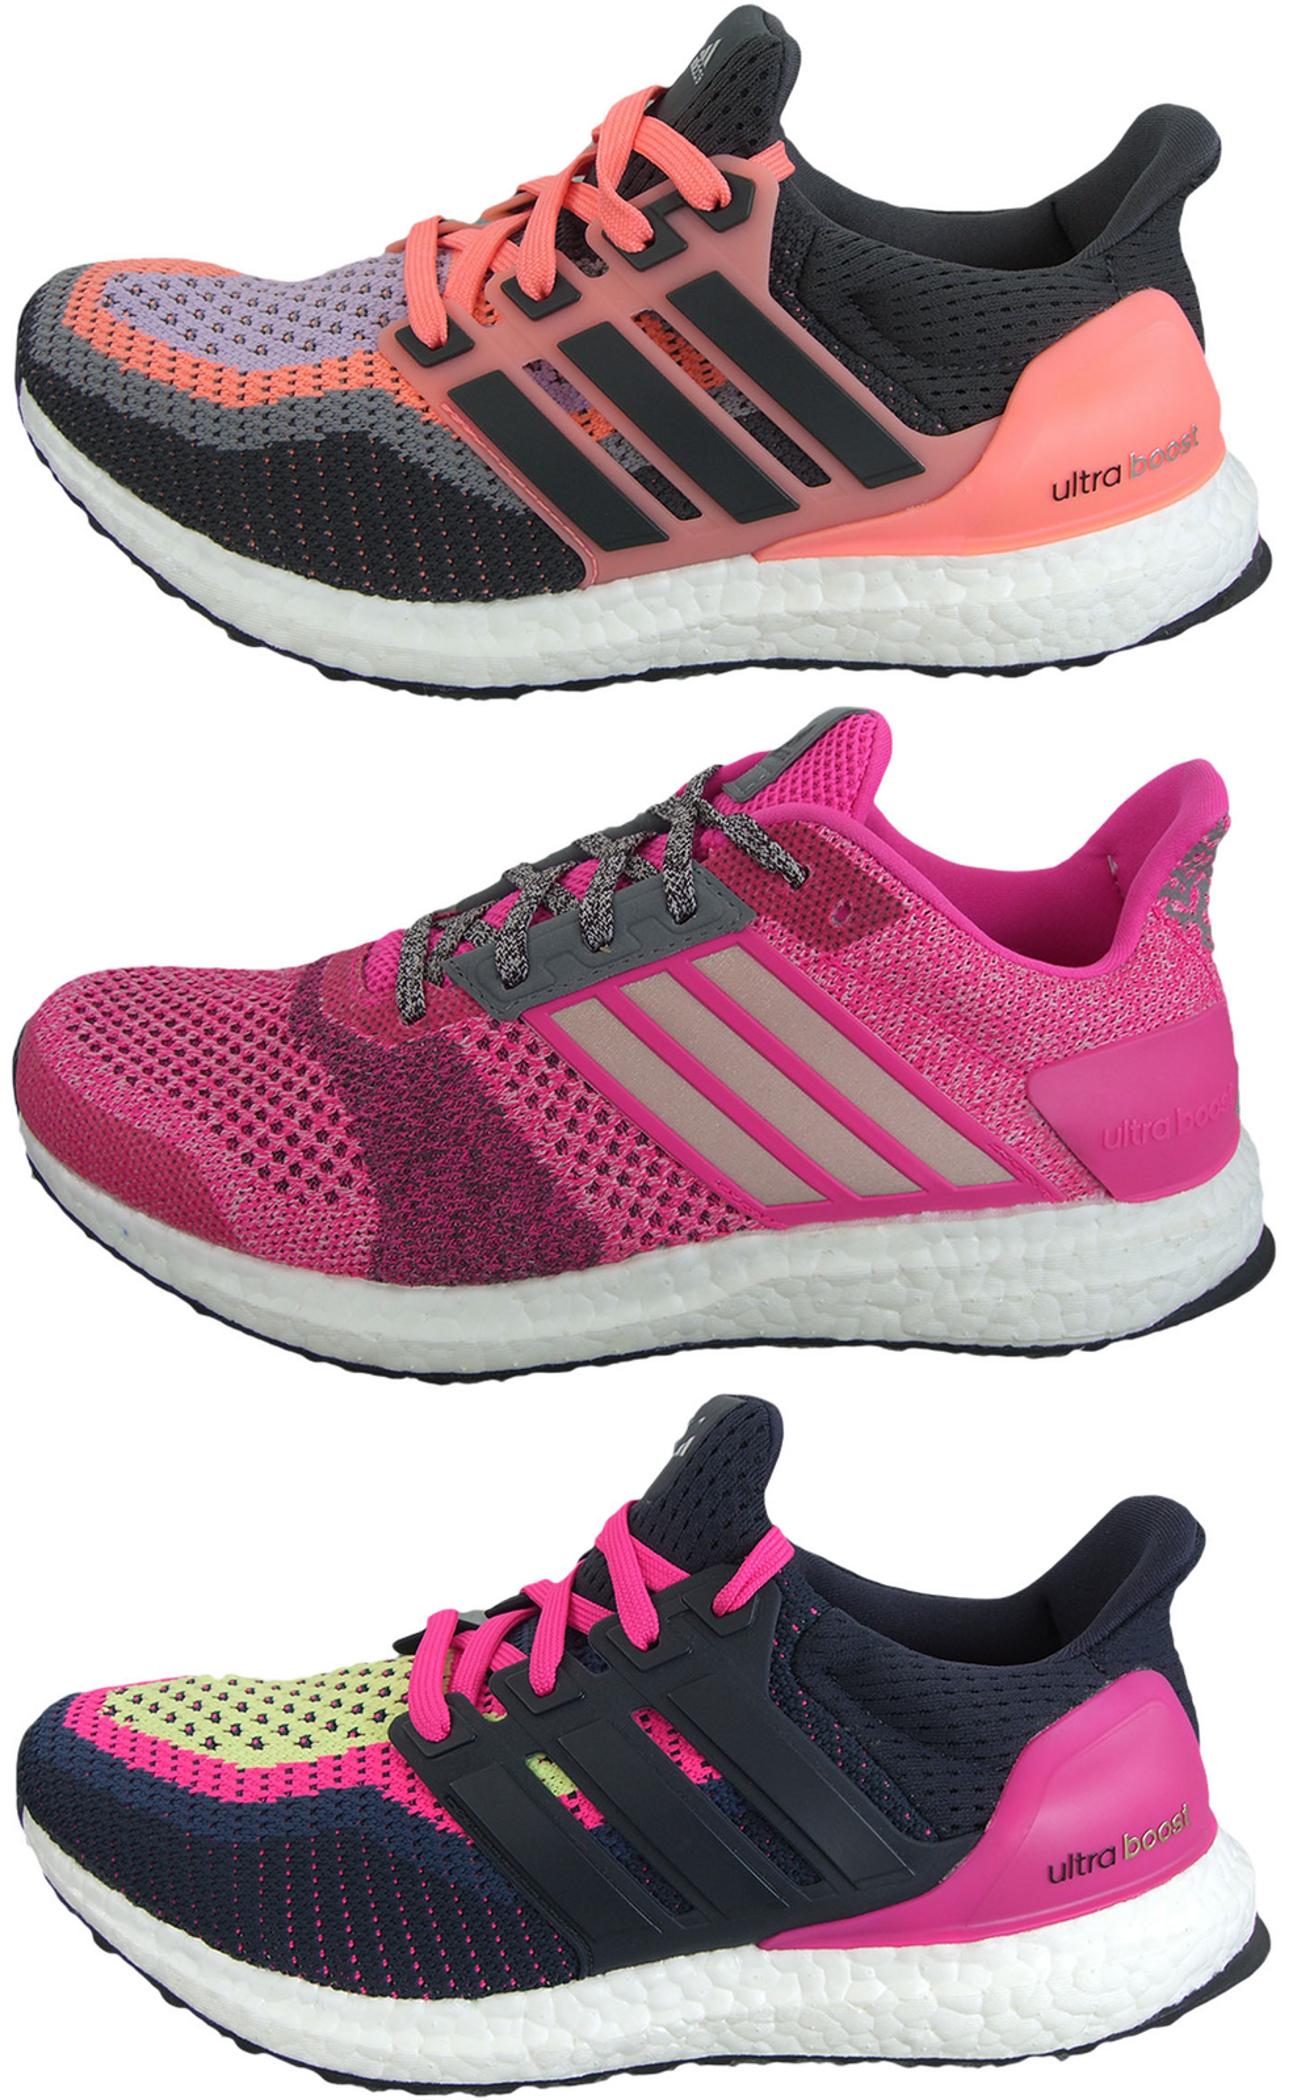 detailed look 34606 93481 Adidas Ultra Boost W Damen Laufschuhe Running Sneaker